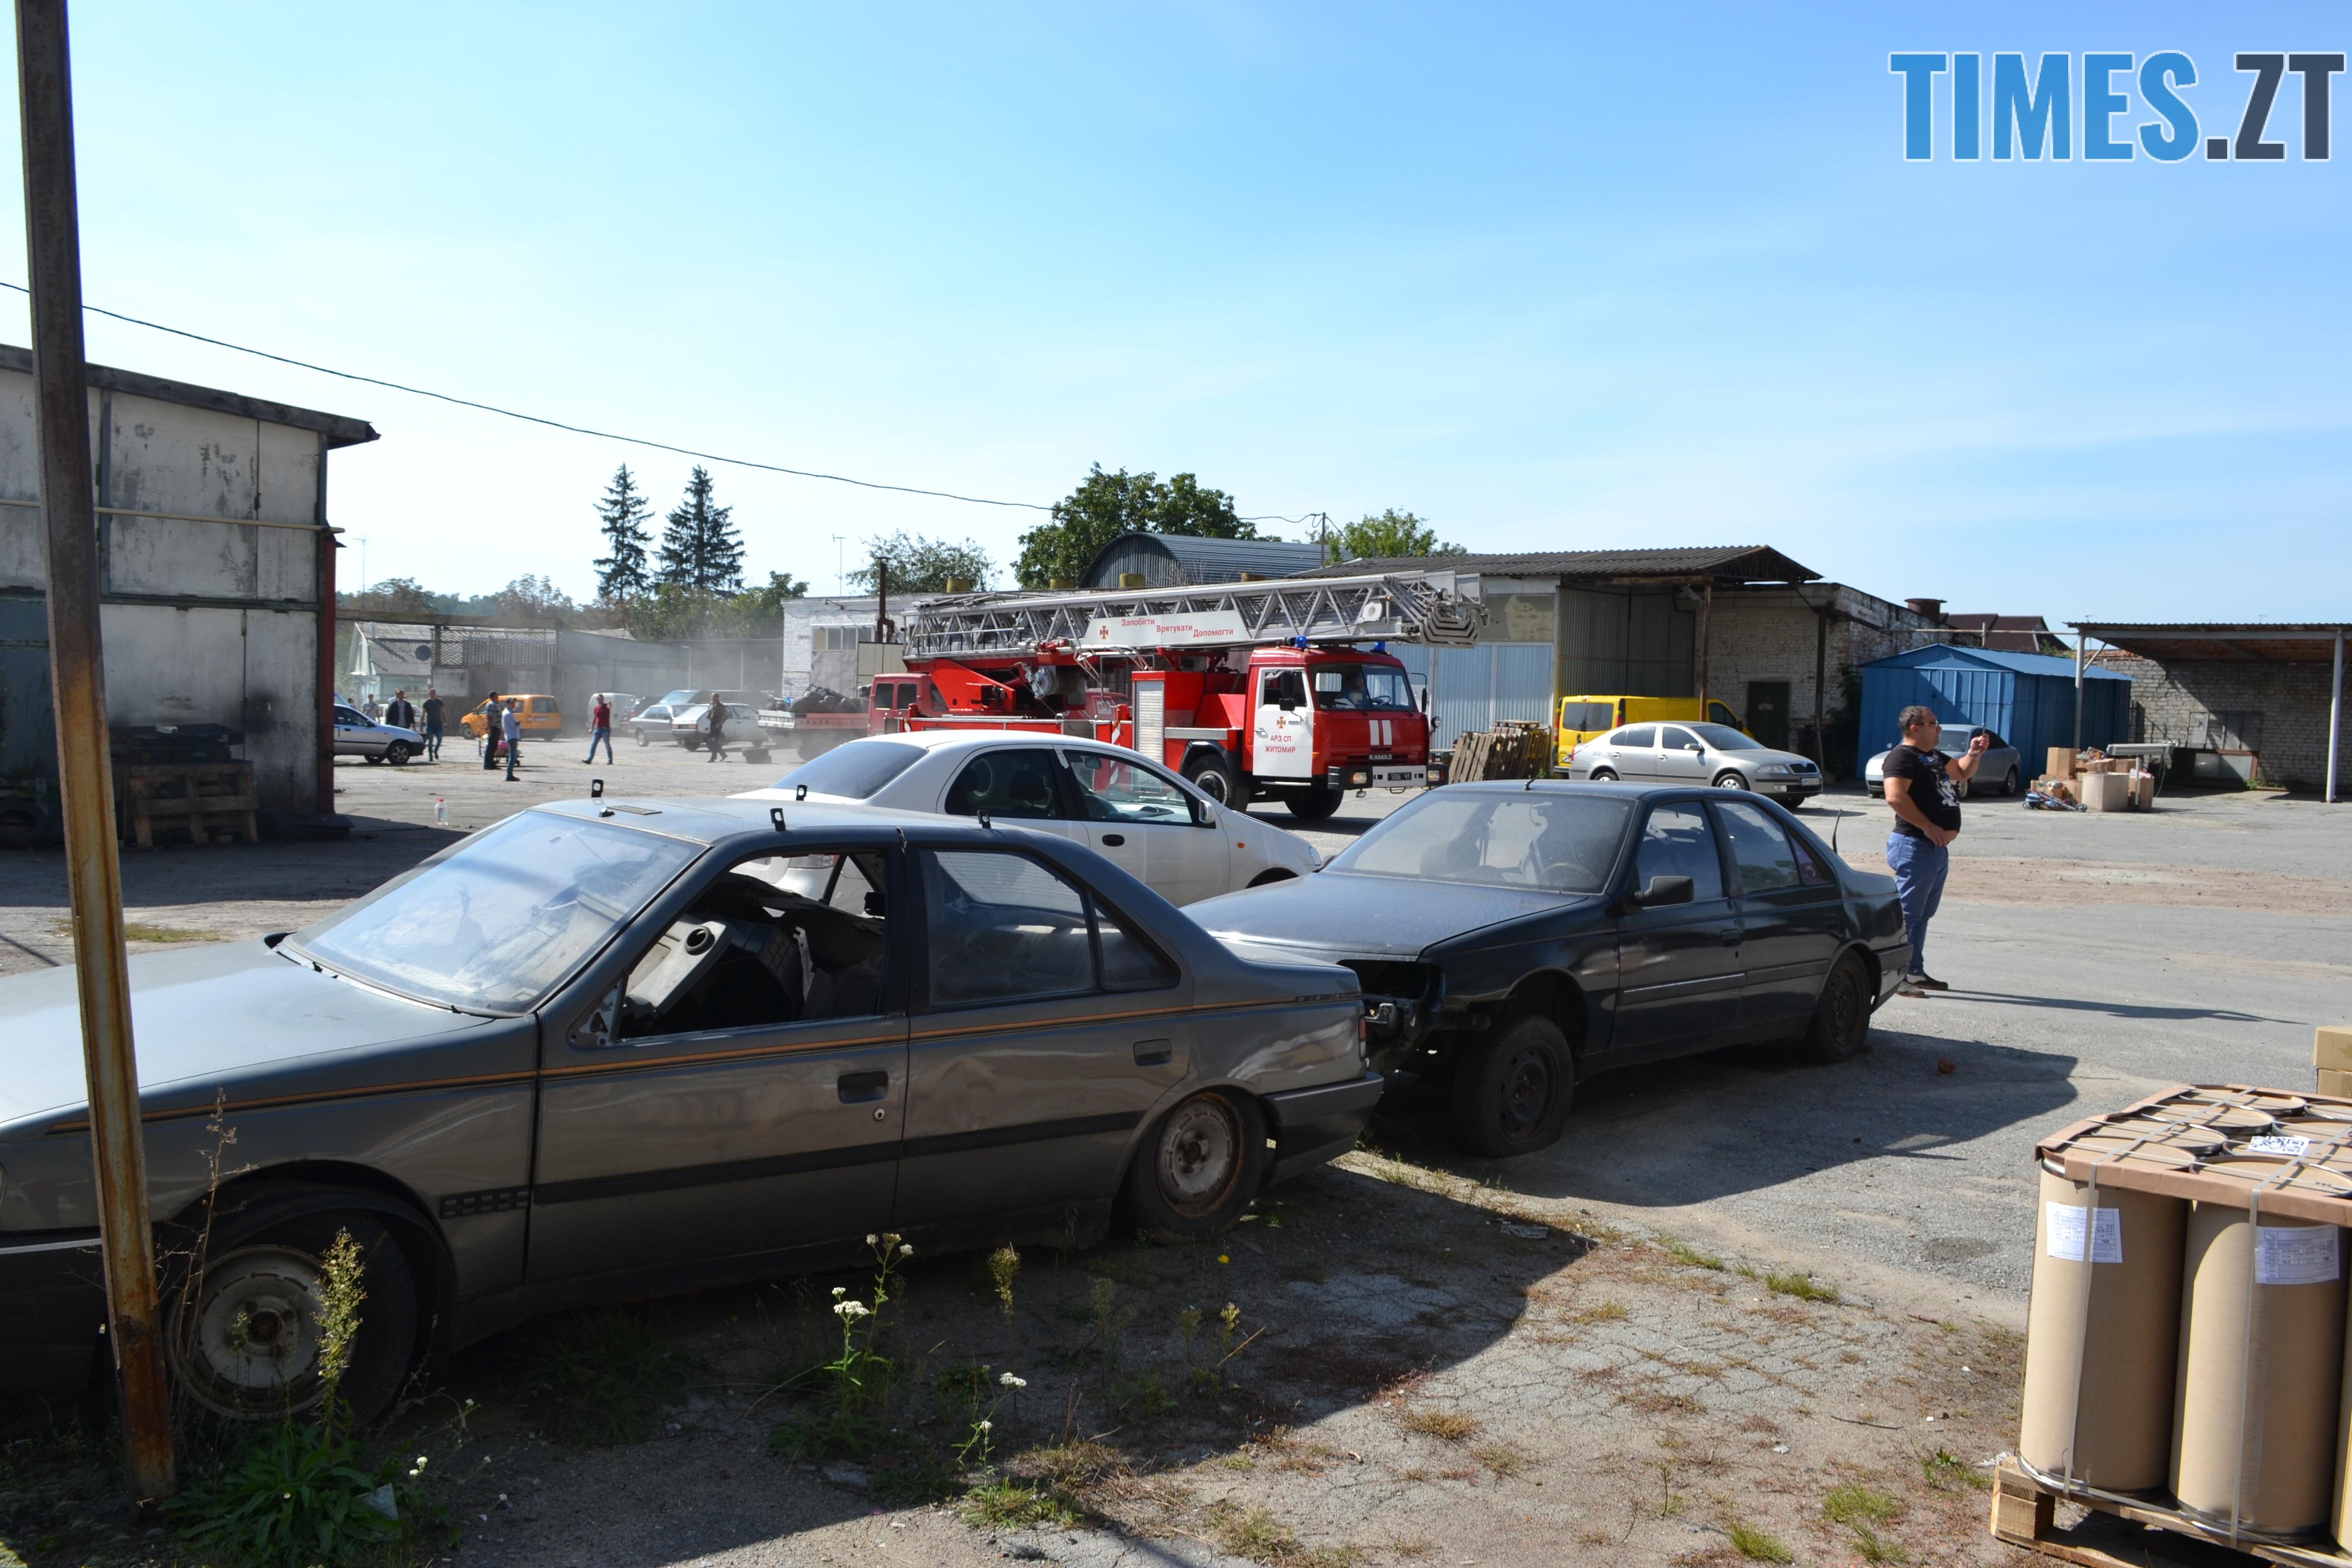 DSC 2901 - Вогонь перекинувся на адмінбудівлю Картонного комбінату: пожежу гасять 11 автомобілів та 63 пожежники (ФОТО, ВІДЕО)